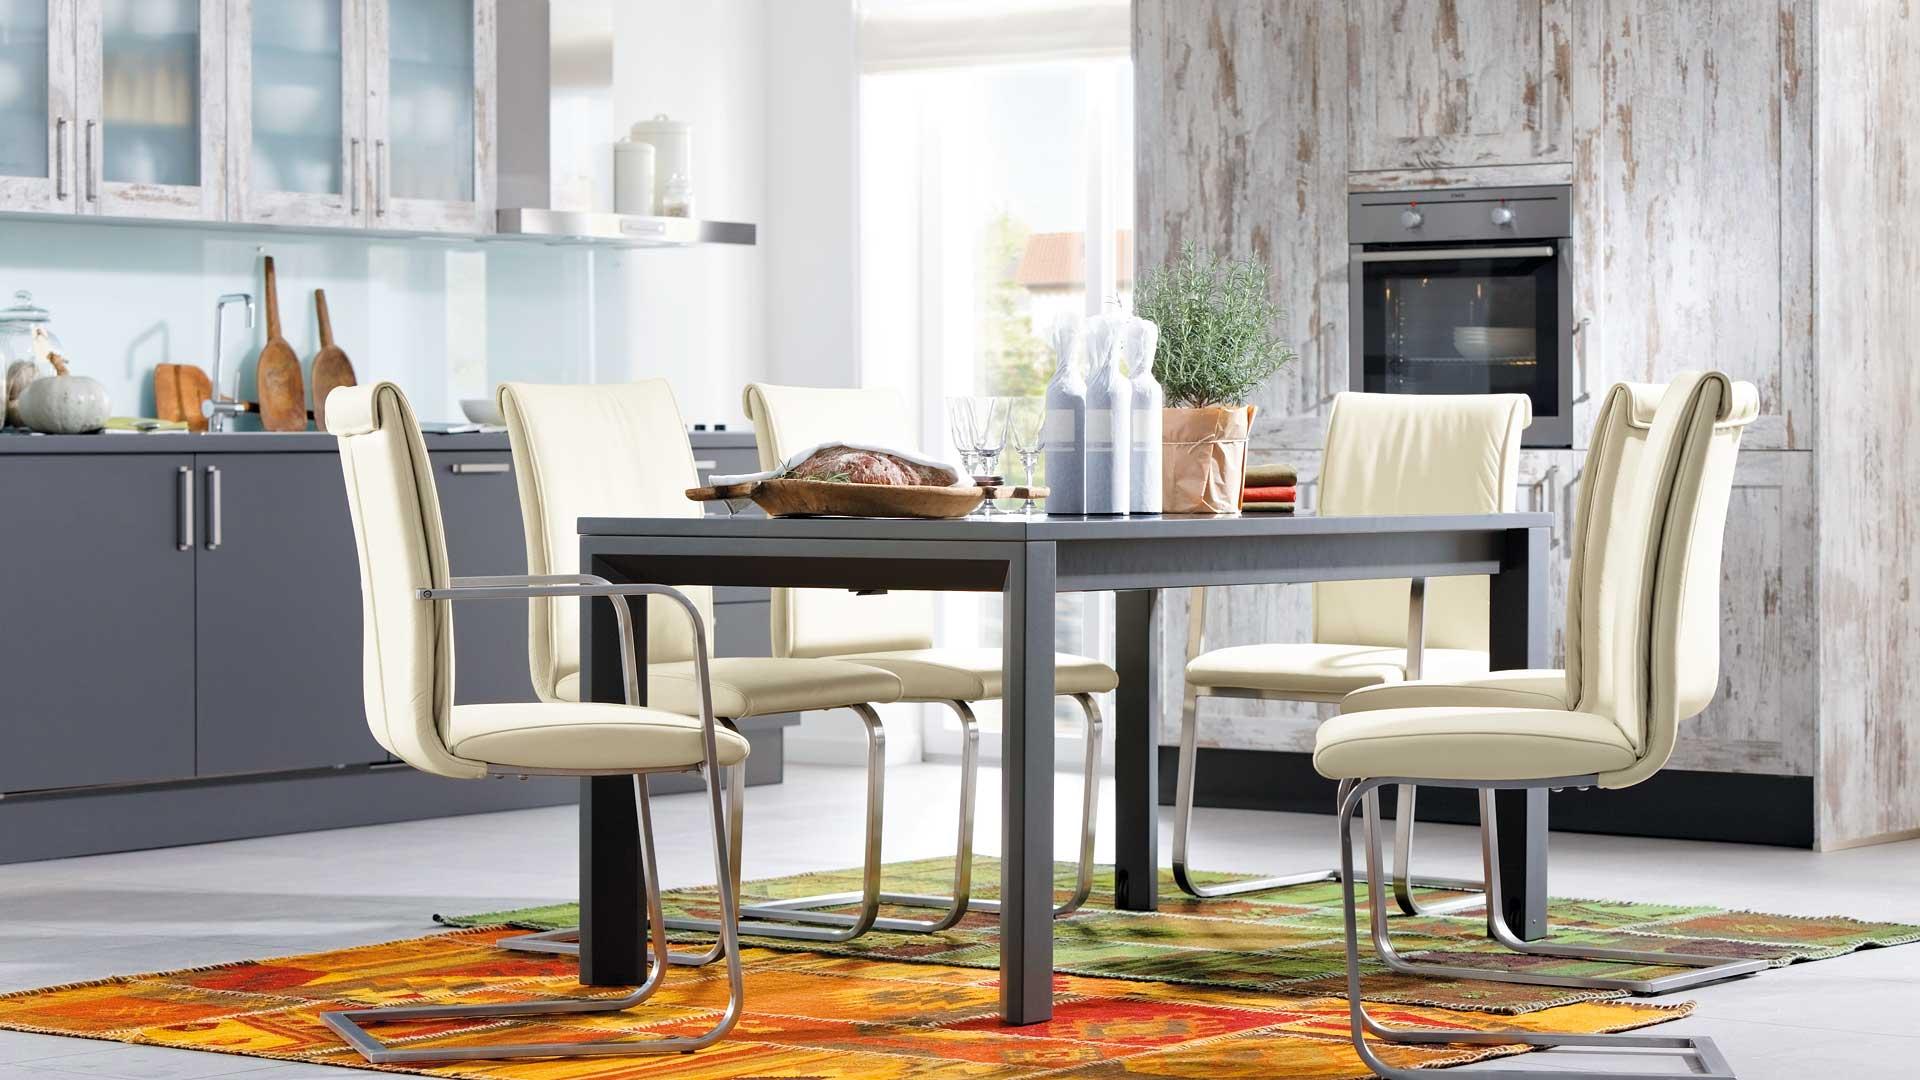 Global Küchen:Tisch und Stuhl in Rehling nahe Augsburg - MÖBEL RASCHKE